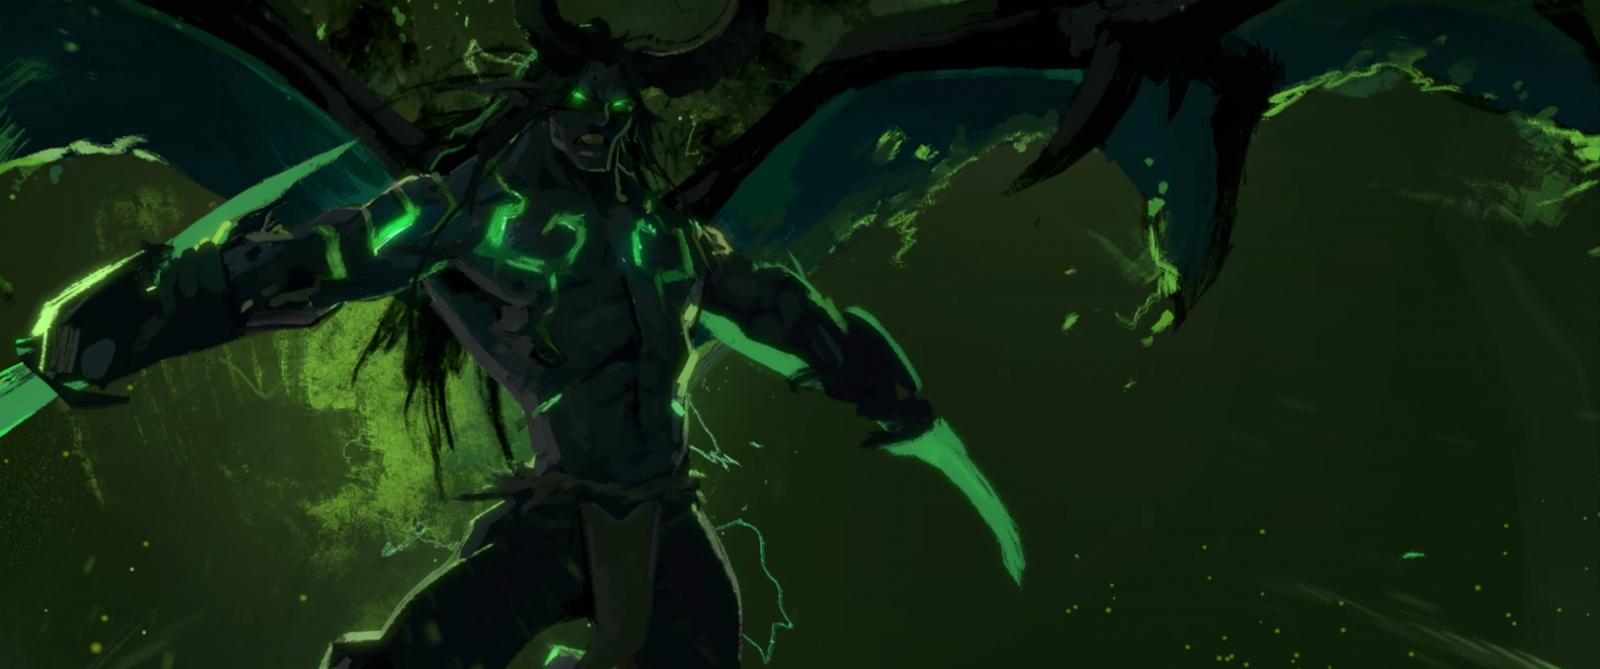 Jungle Wallpaper World Of Warcraft: Wallpaper : World Of Warcraft, Green, Blizzard